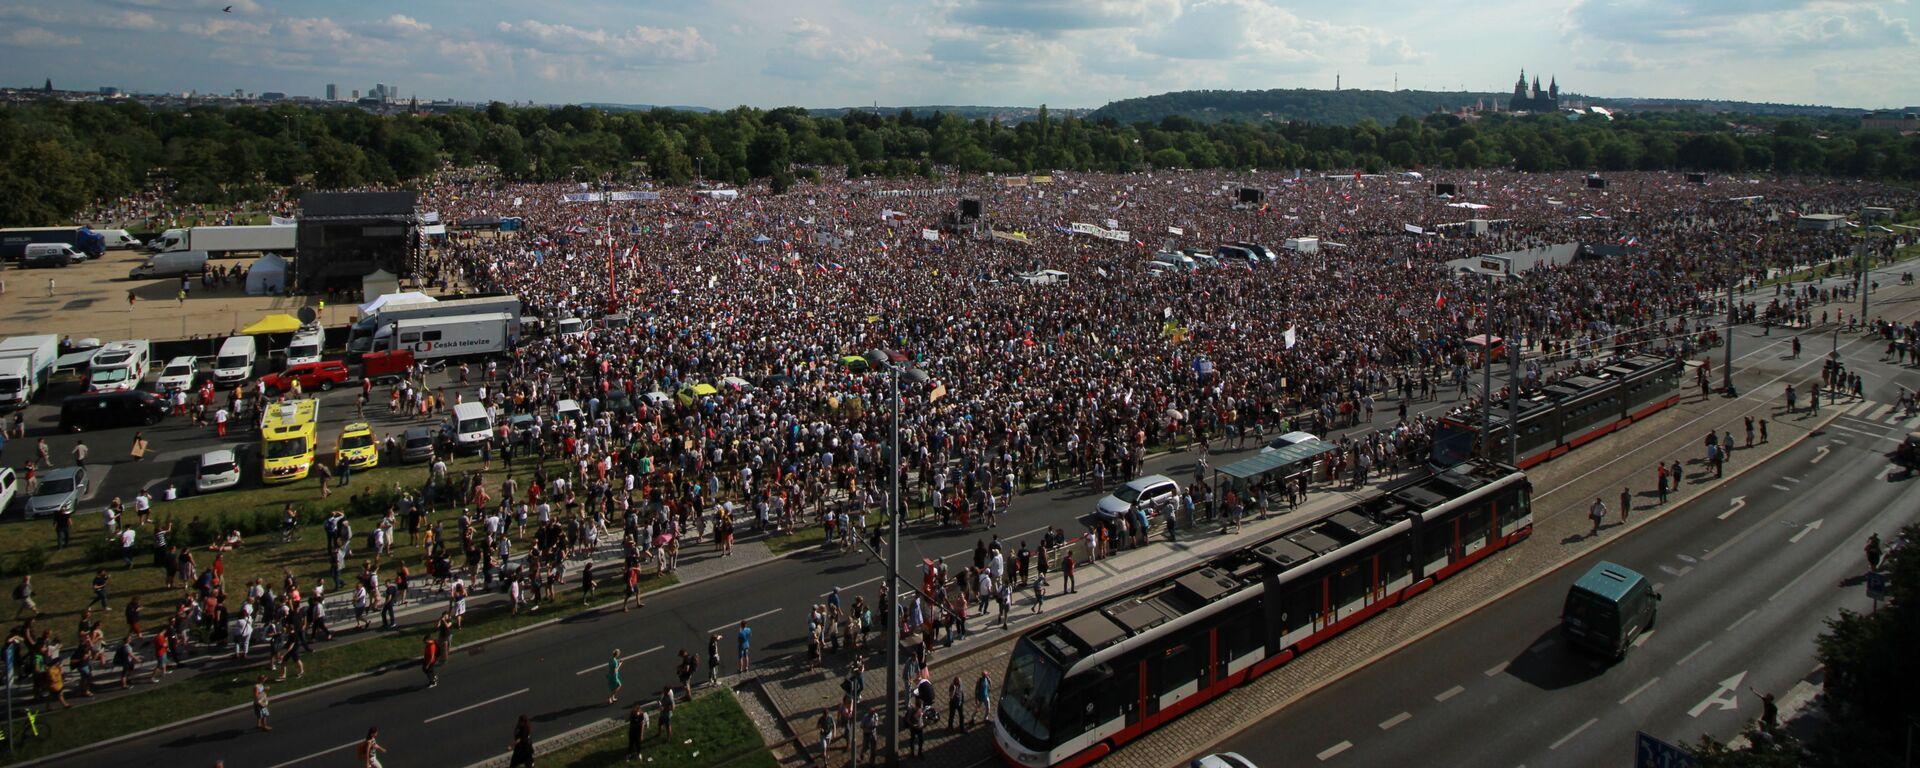 Demonstrace na Letenské pláni pořádaná spolkem Milion Chvilek - 23.6.2019 - Sputnik Česká republika, 1920, 27.04.2021